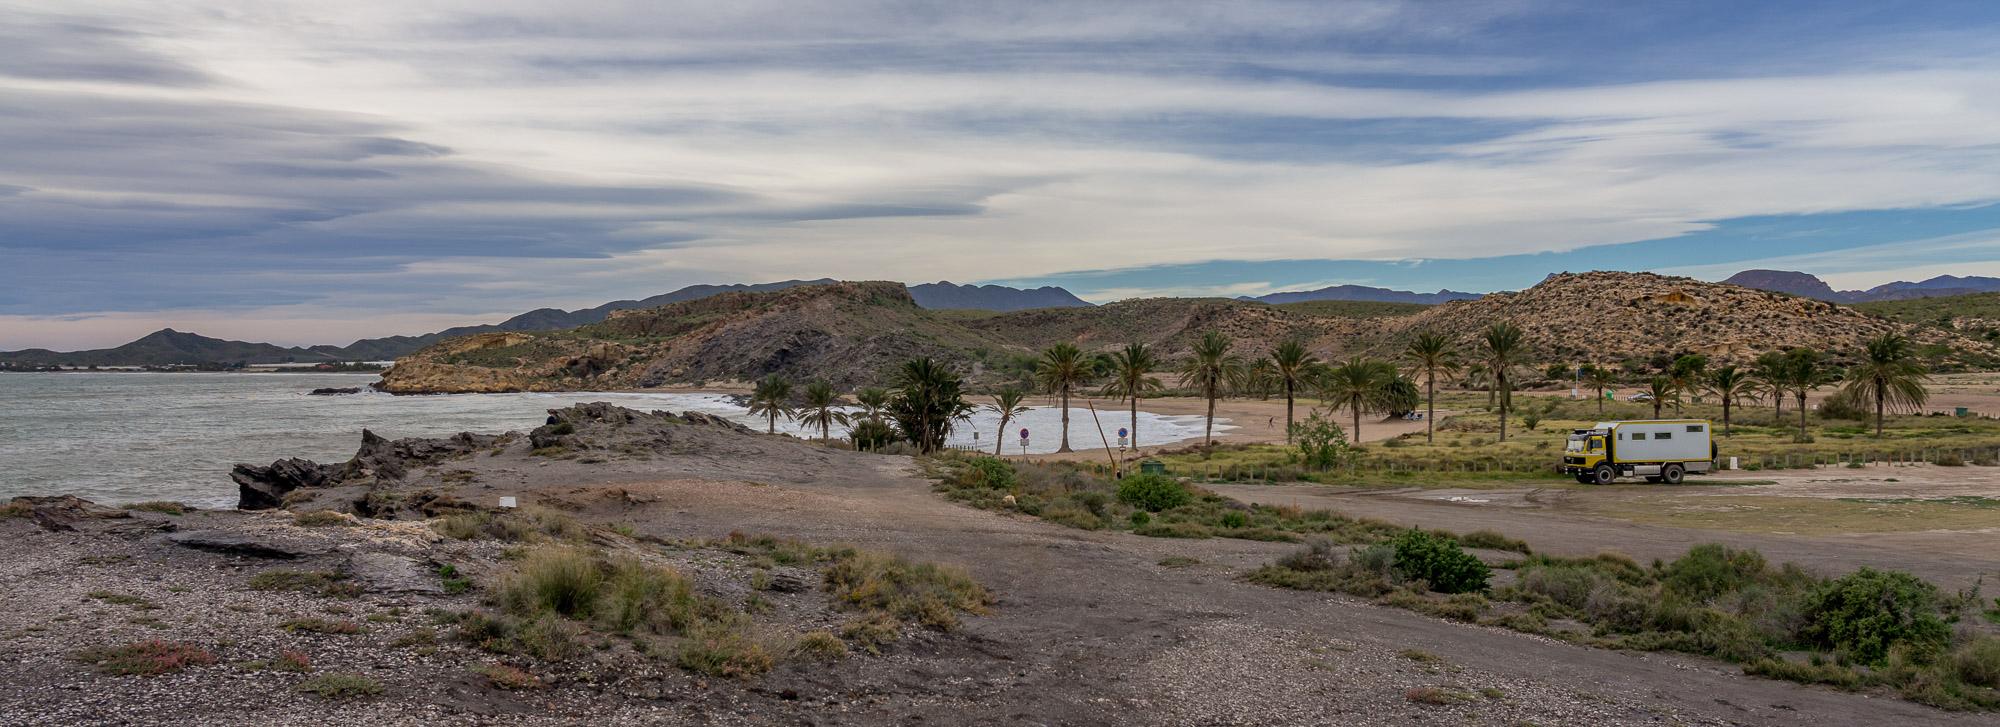 Costa Blanca bis Aguilas und weiter: Hügel, Hunde, Strände & Pisten